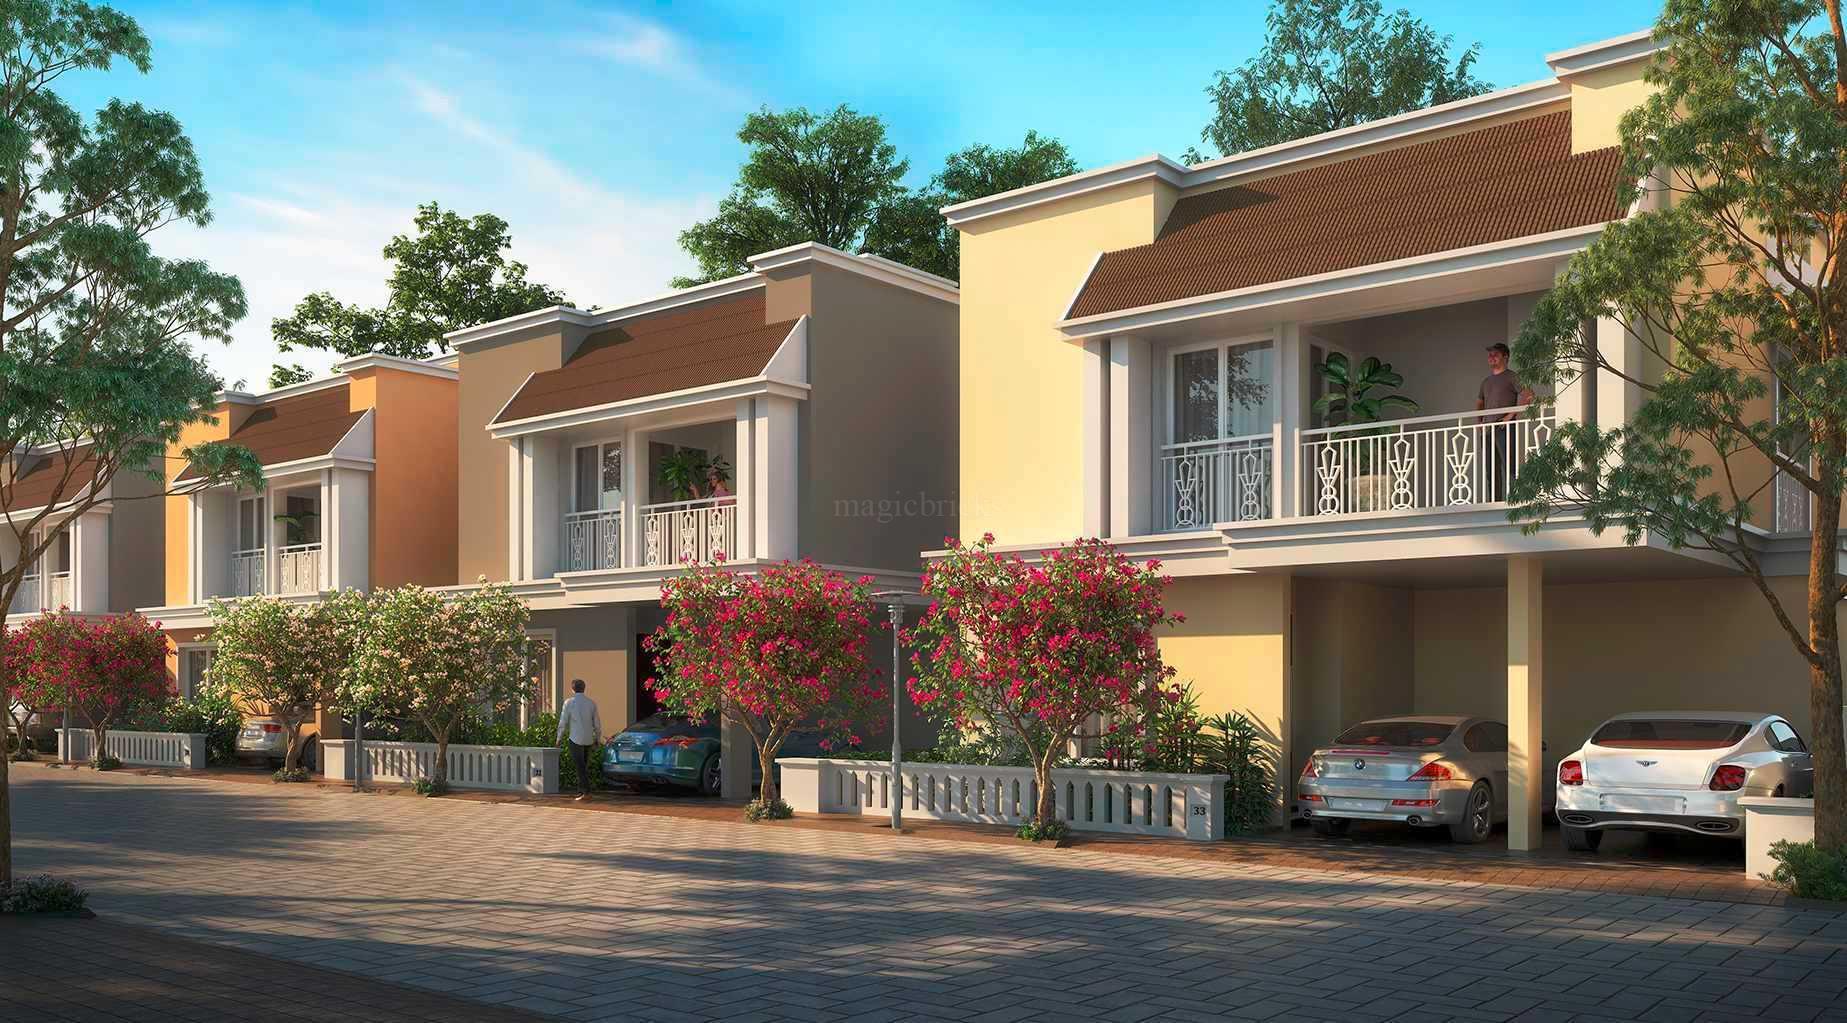 1560588073_banner_Vengaivasal1.jpg